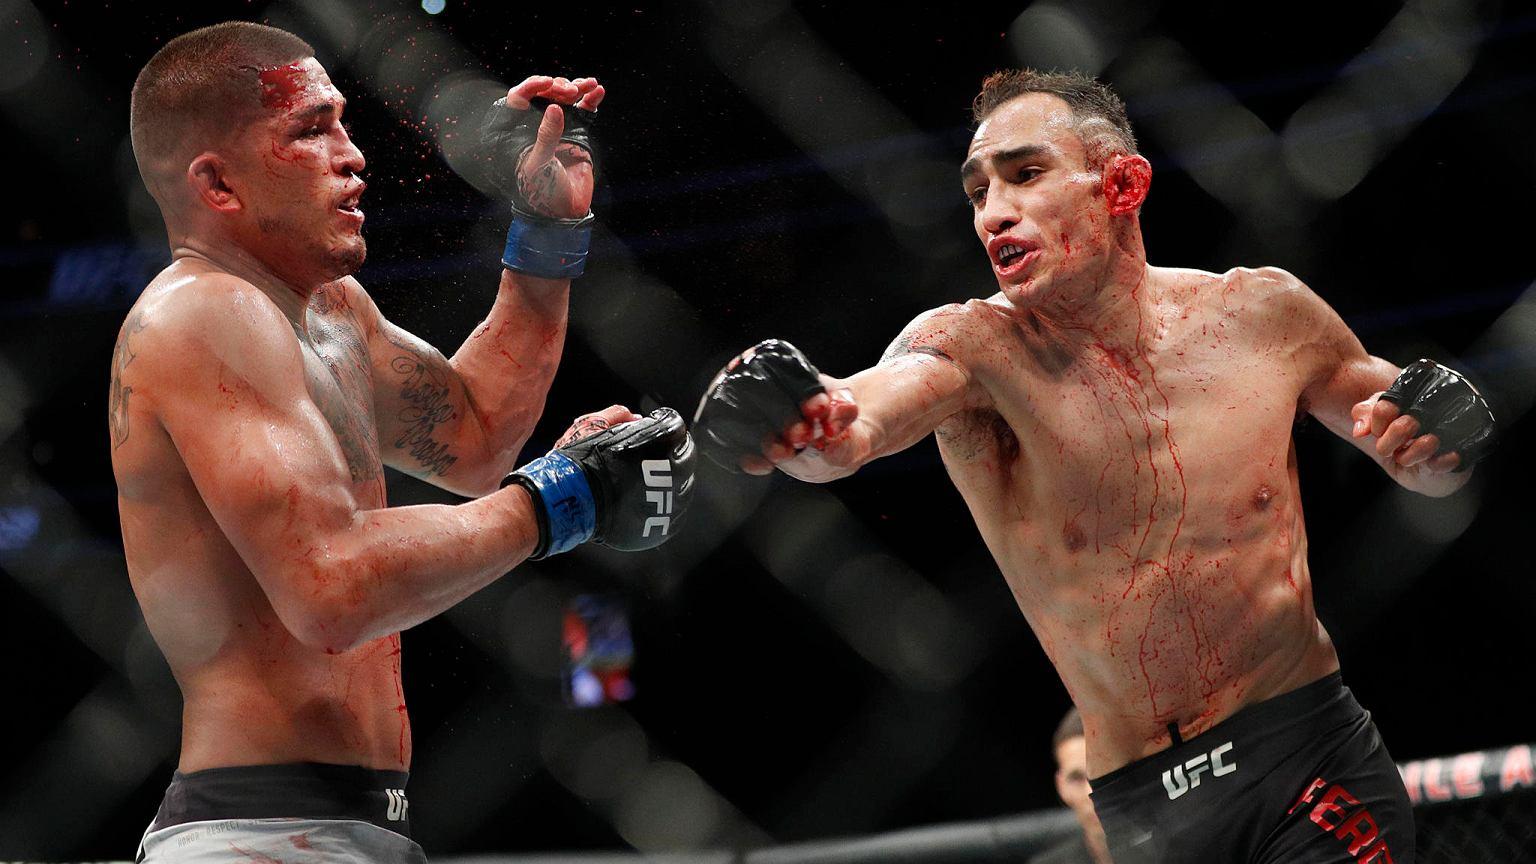 Тони Фергюсон - Джастин Гэтжи: коэффициенты и прогноз на 19 апреля на UFC 249